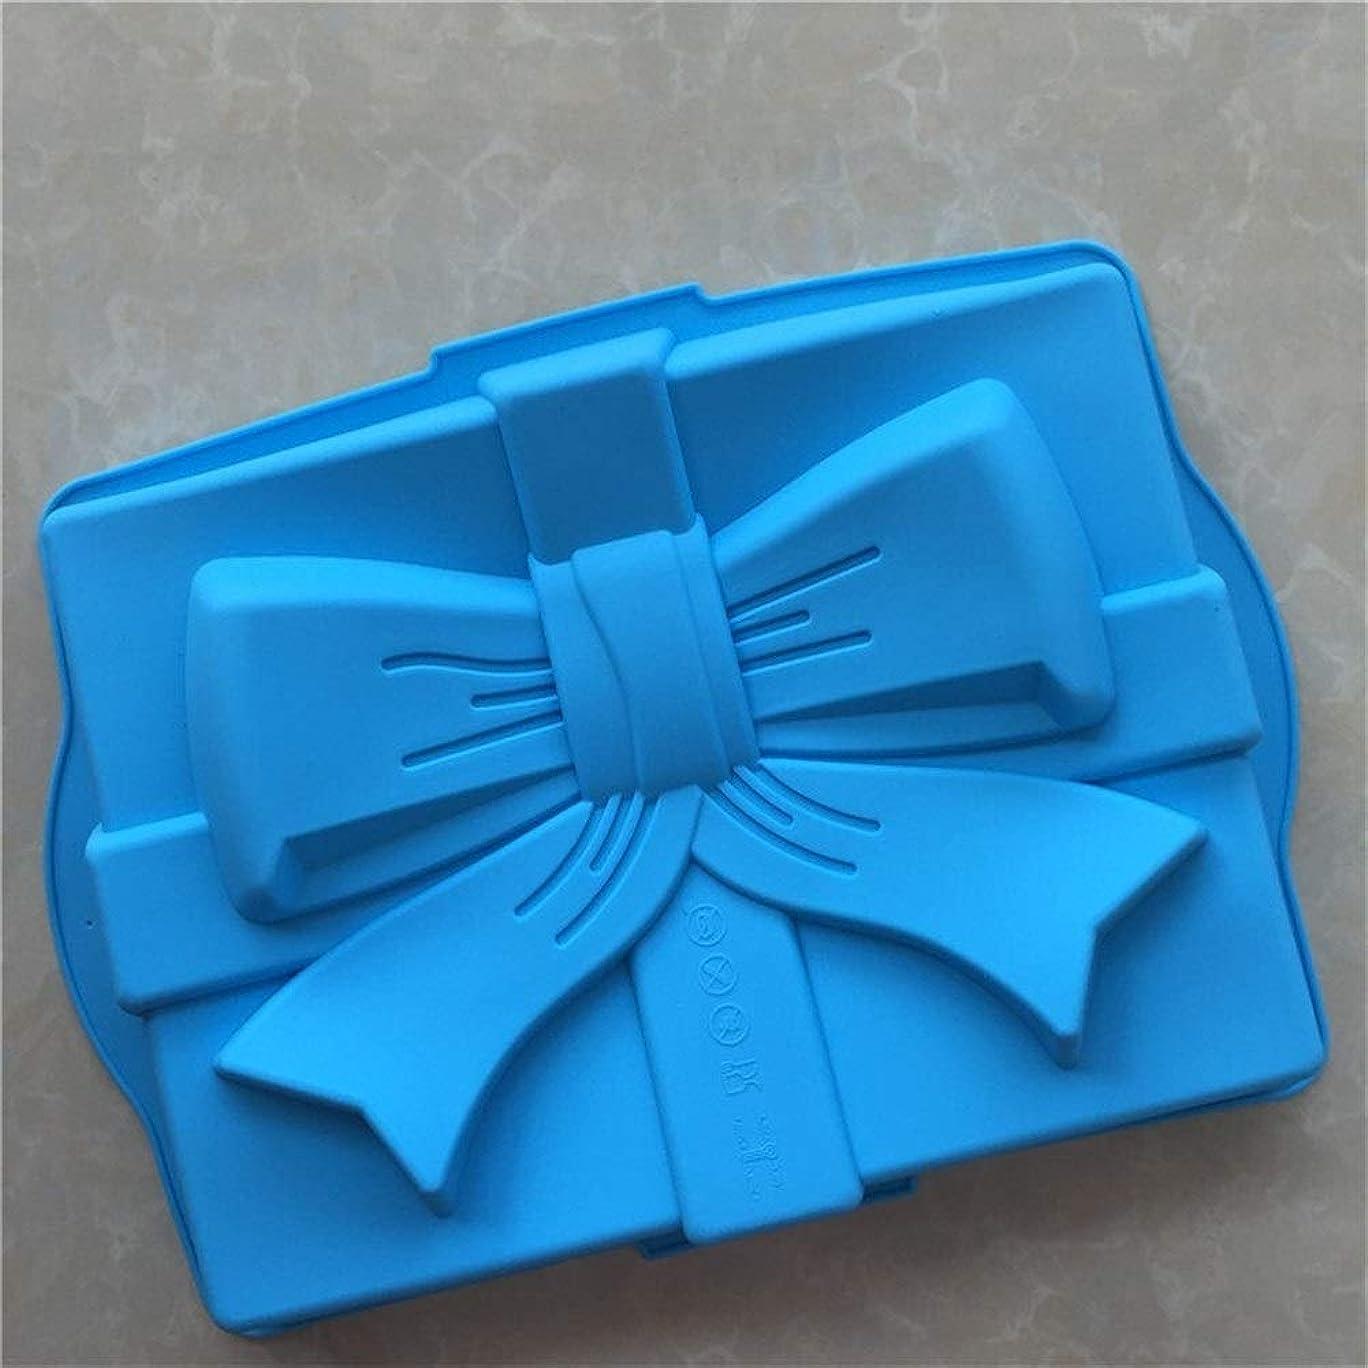 消去地理集中的な誕生日ケーキ型シリコンケーキベーキングトレイ/記念日誕生日ケーキ、パン、マフィン、ブラウニーケーキ用シリコンモールド メーカー (Color : Random Color)